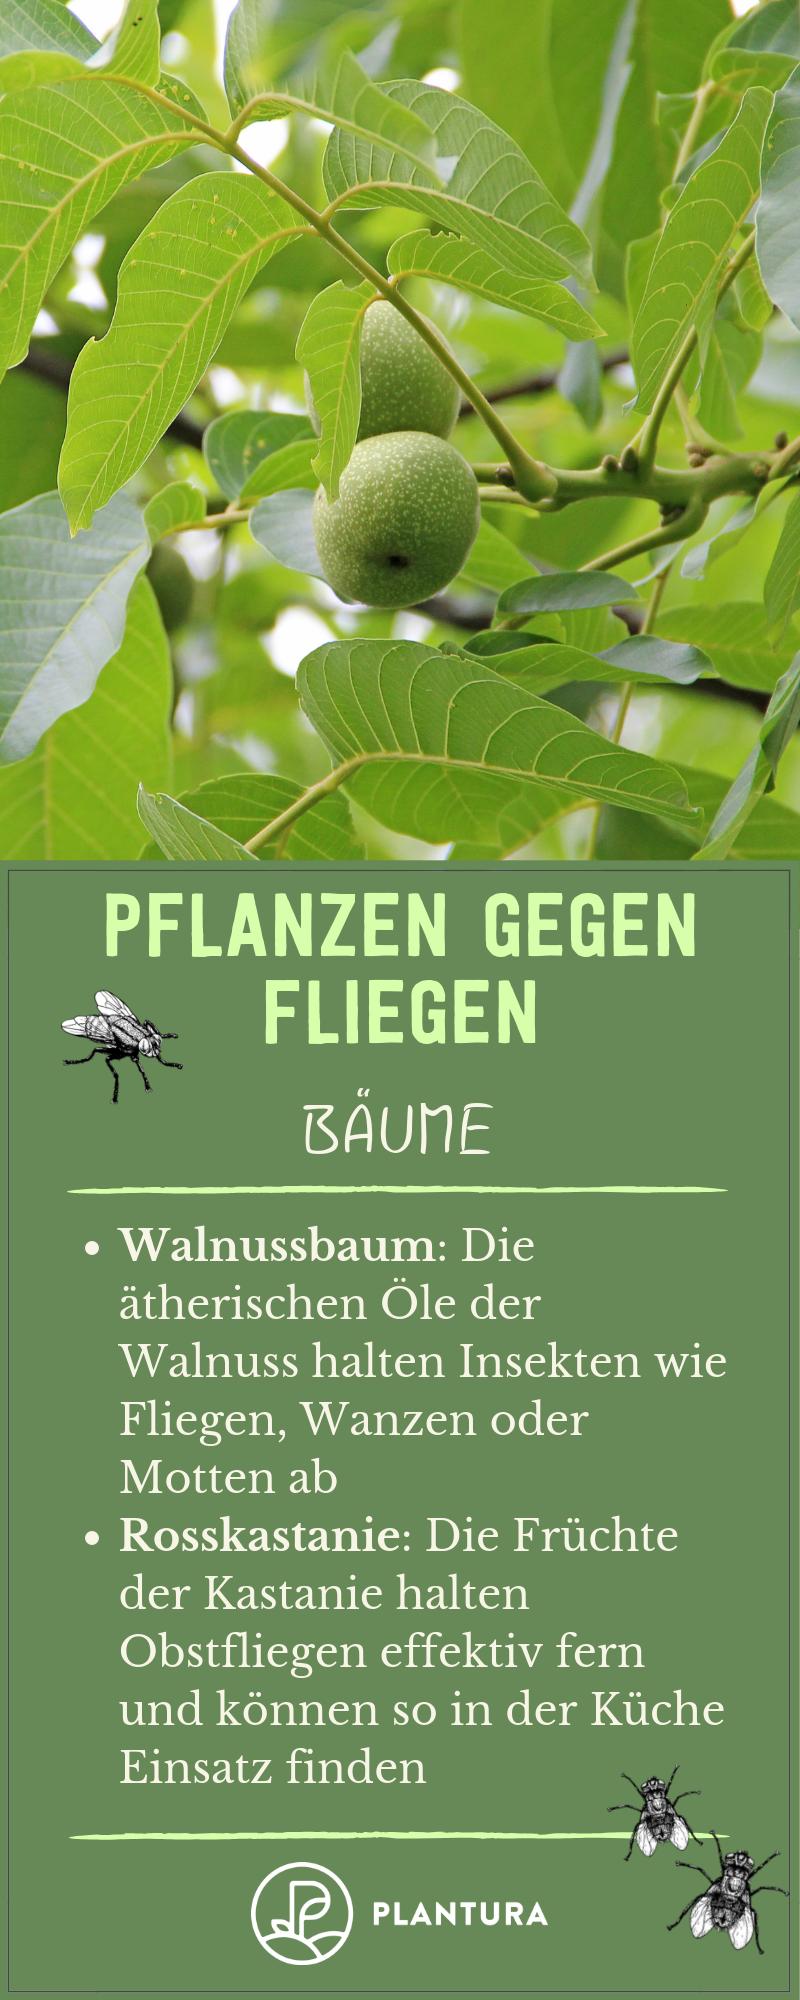 Pflanzen Gegen Fliegen So Vertreiben Sie Die Plagegeister Naturlich Pflanzen Gartentipps Pflanzenschutz